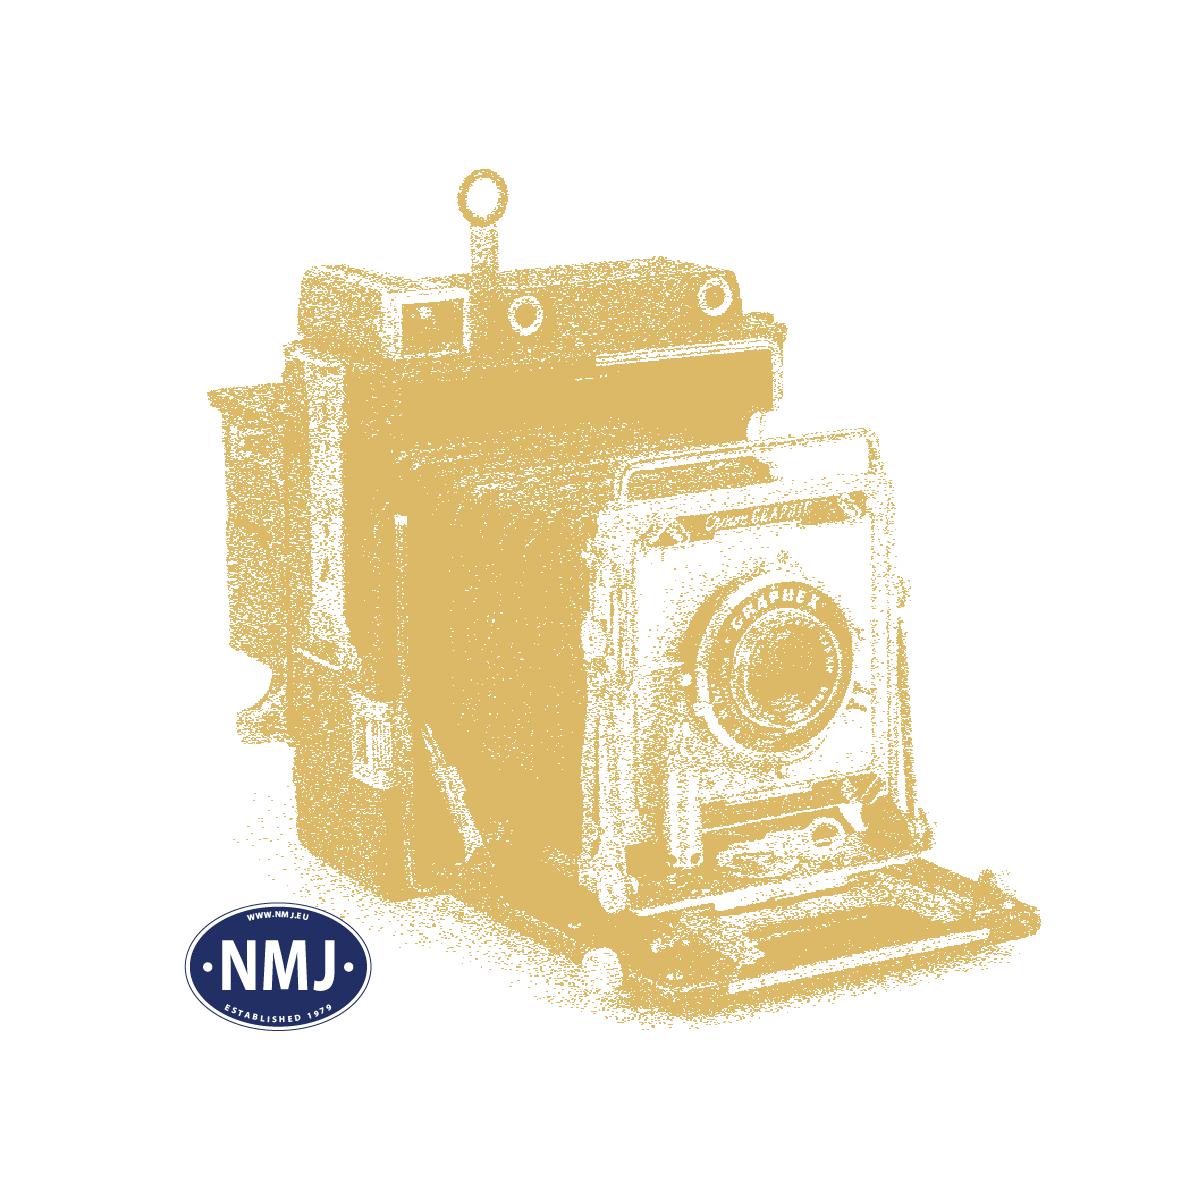 MWB-P406 - Gresstuster, 4.5 mm, Vinter, 21 x 15 Cm